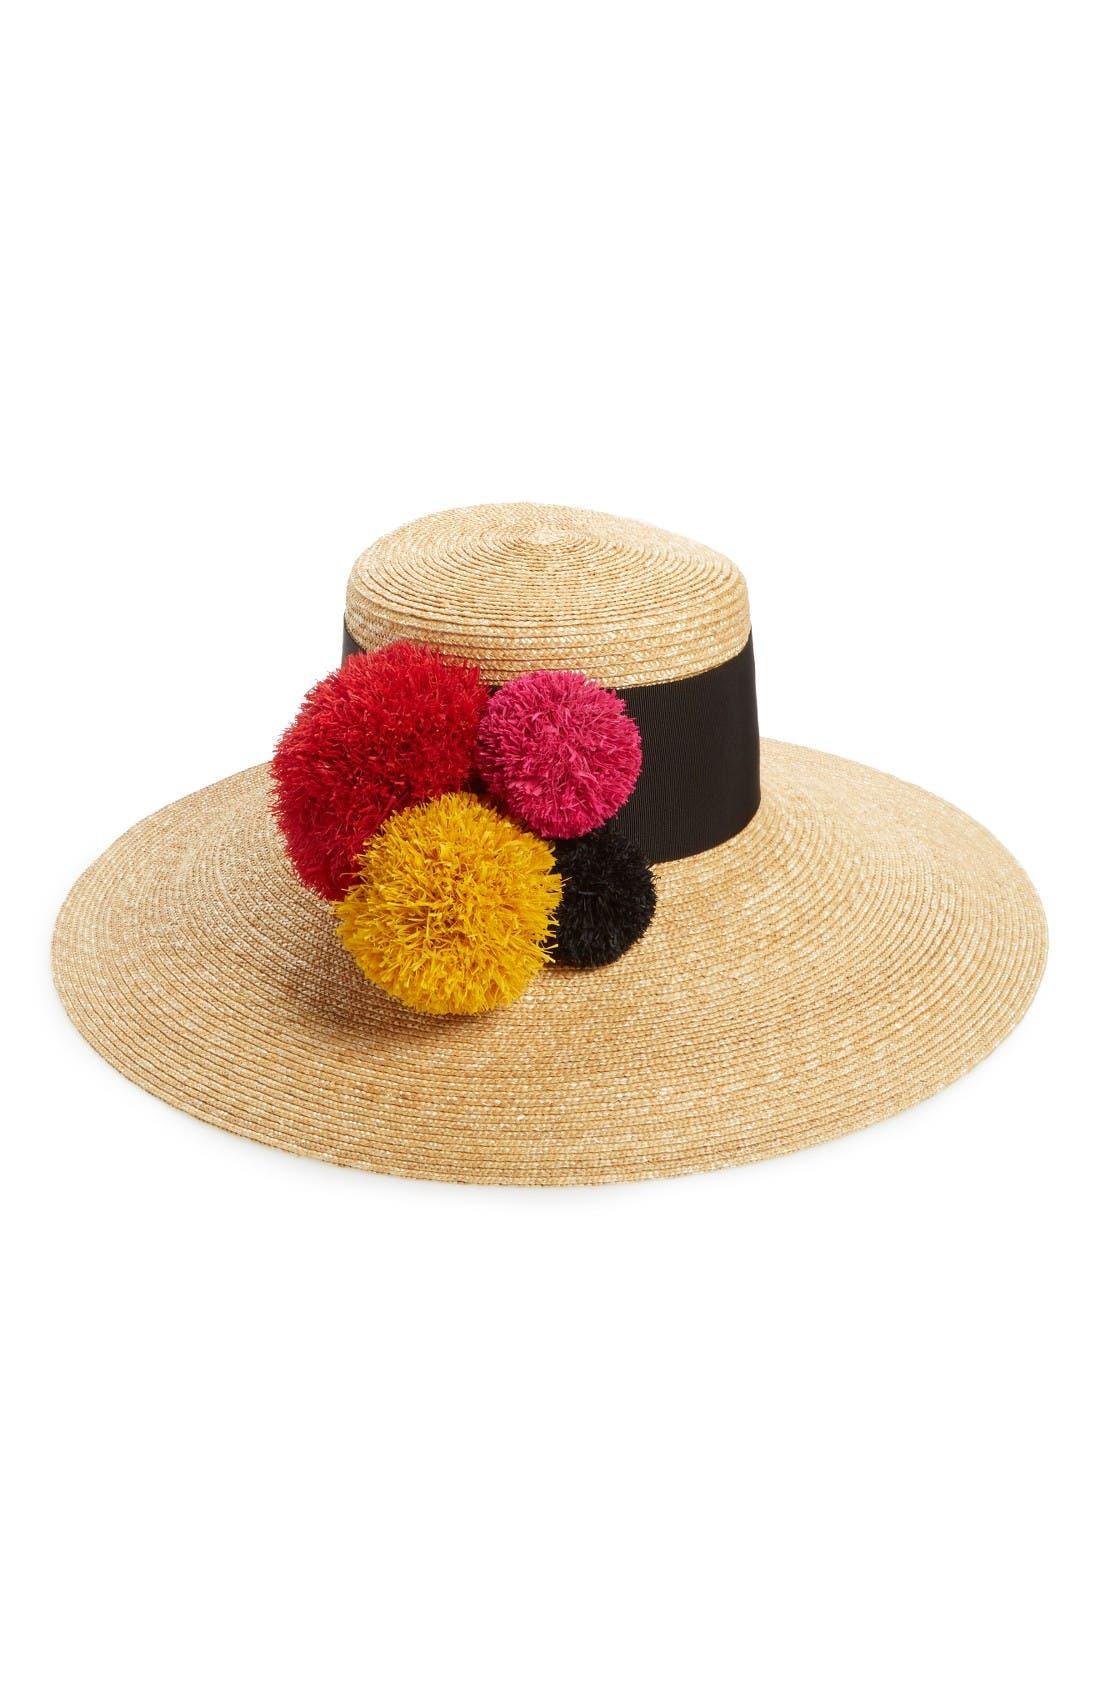 Alternate Image 1 Selected - Eugenia Kim Mirasol Pompom Straw Hat